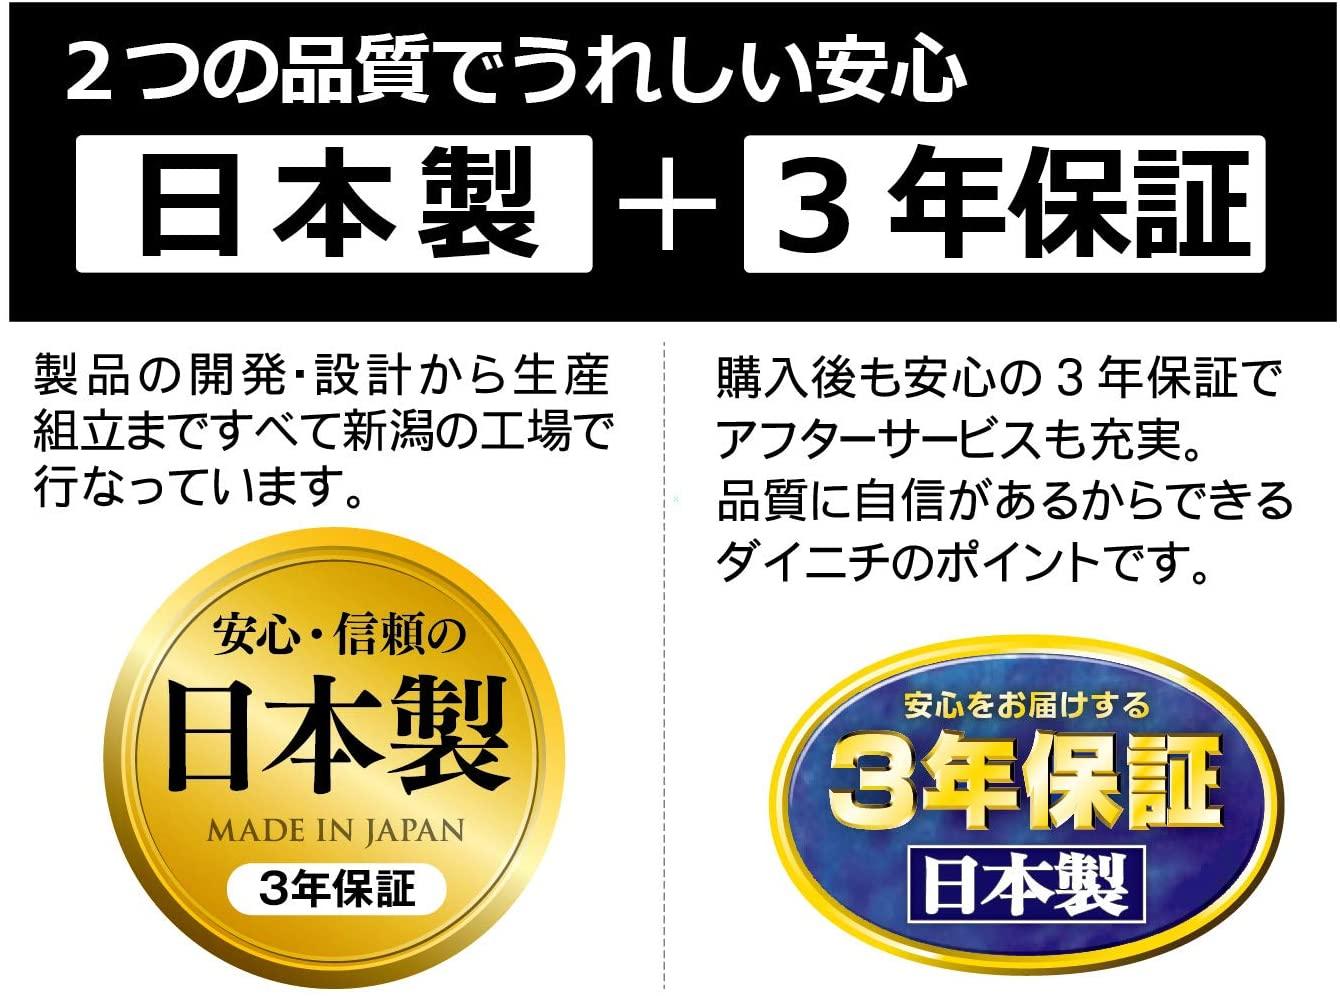 Dainichi(ダイニチ) HD SERIESパワフルモデル HD-152の商品画像7